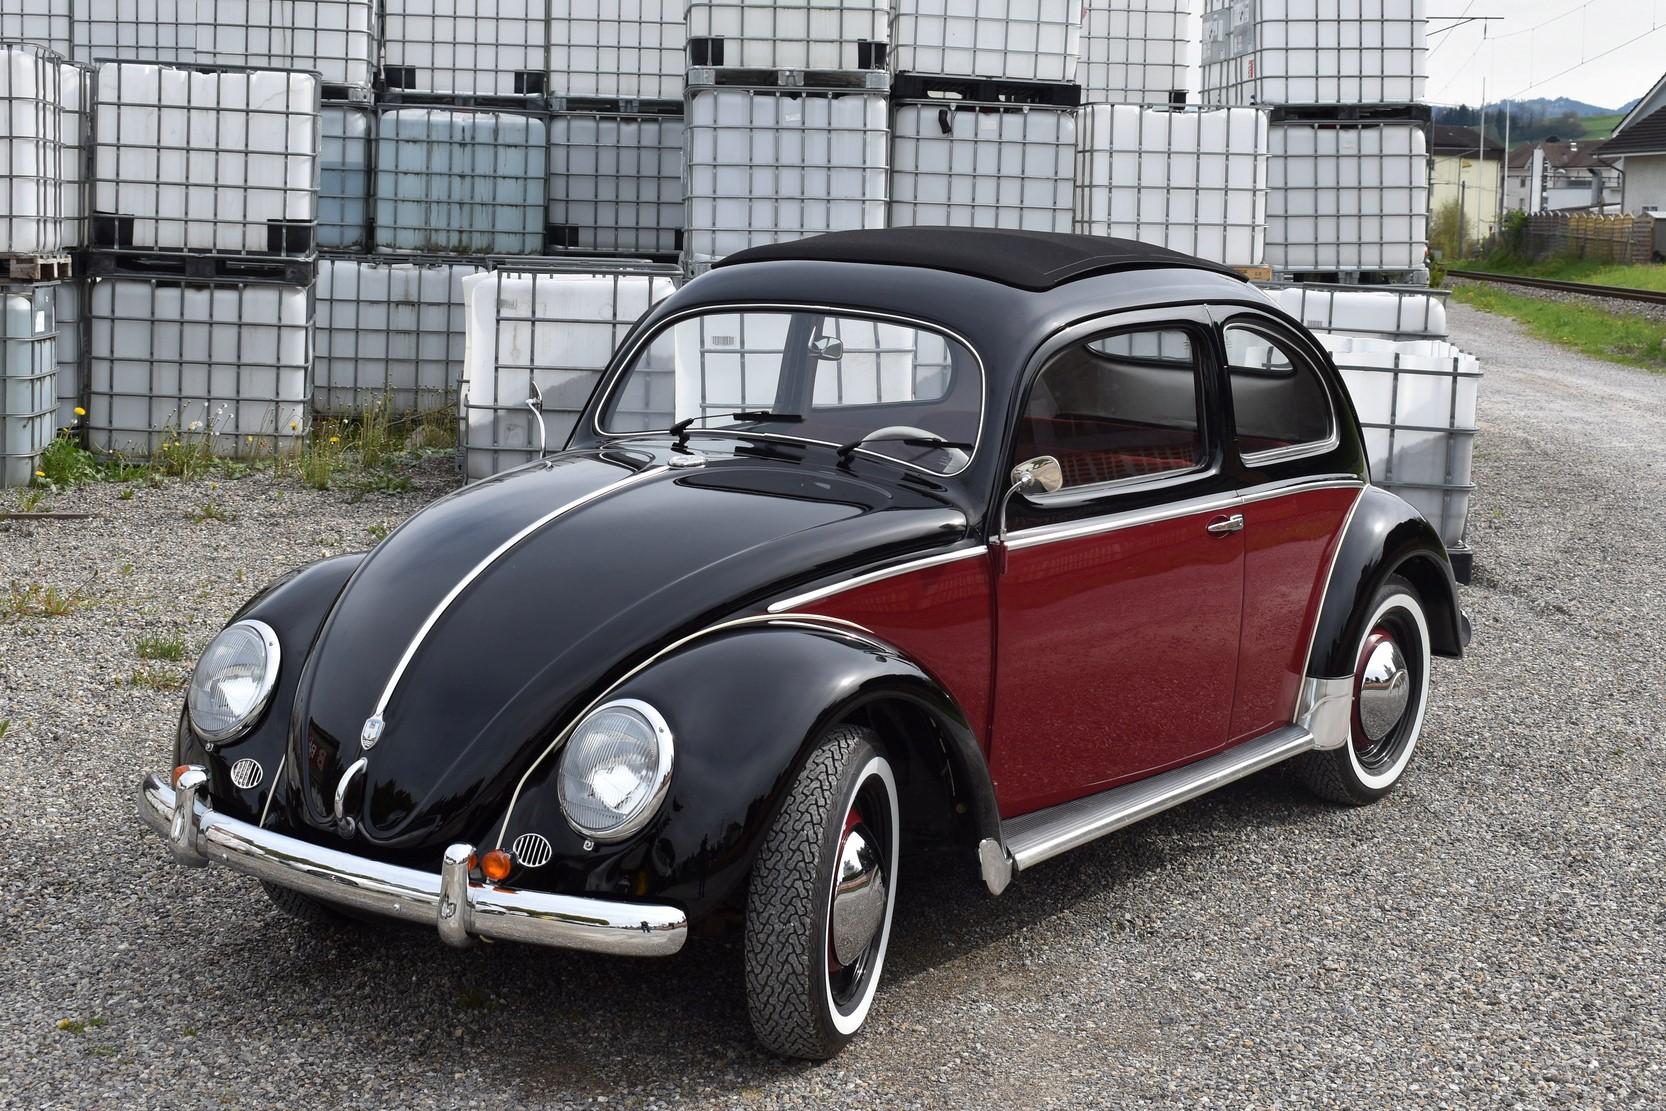 Schwarz roter VW Käfer Mexico Ovali Veteranenfahrzeug in Seitenansicht